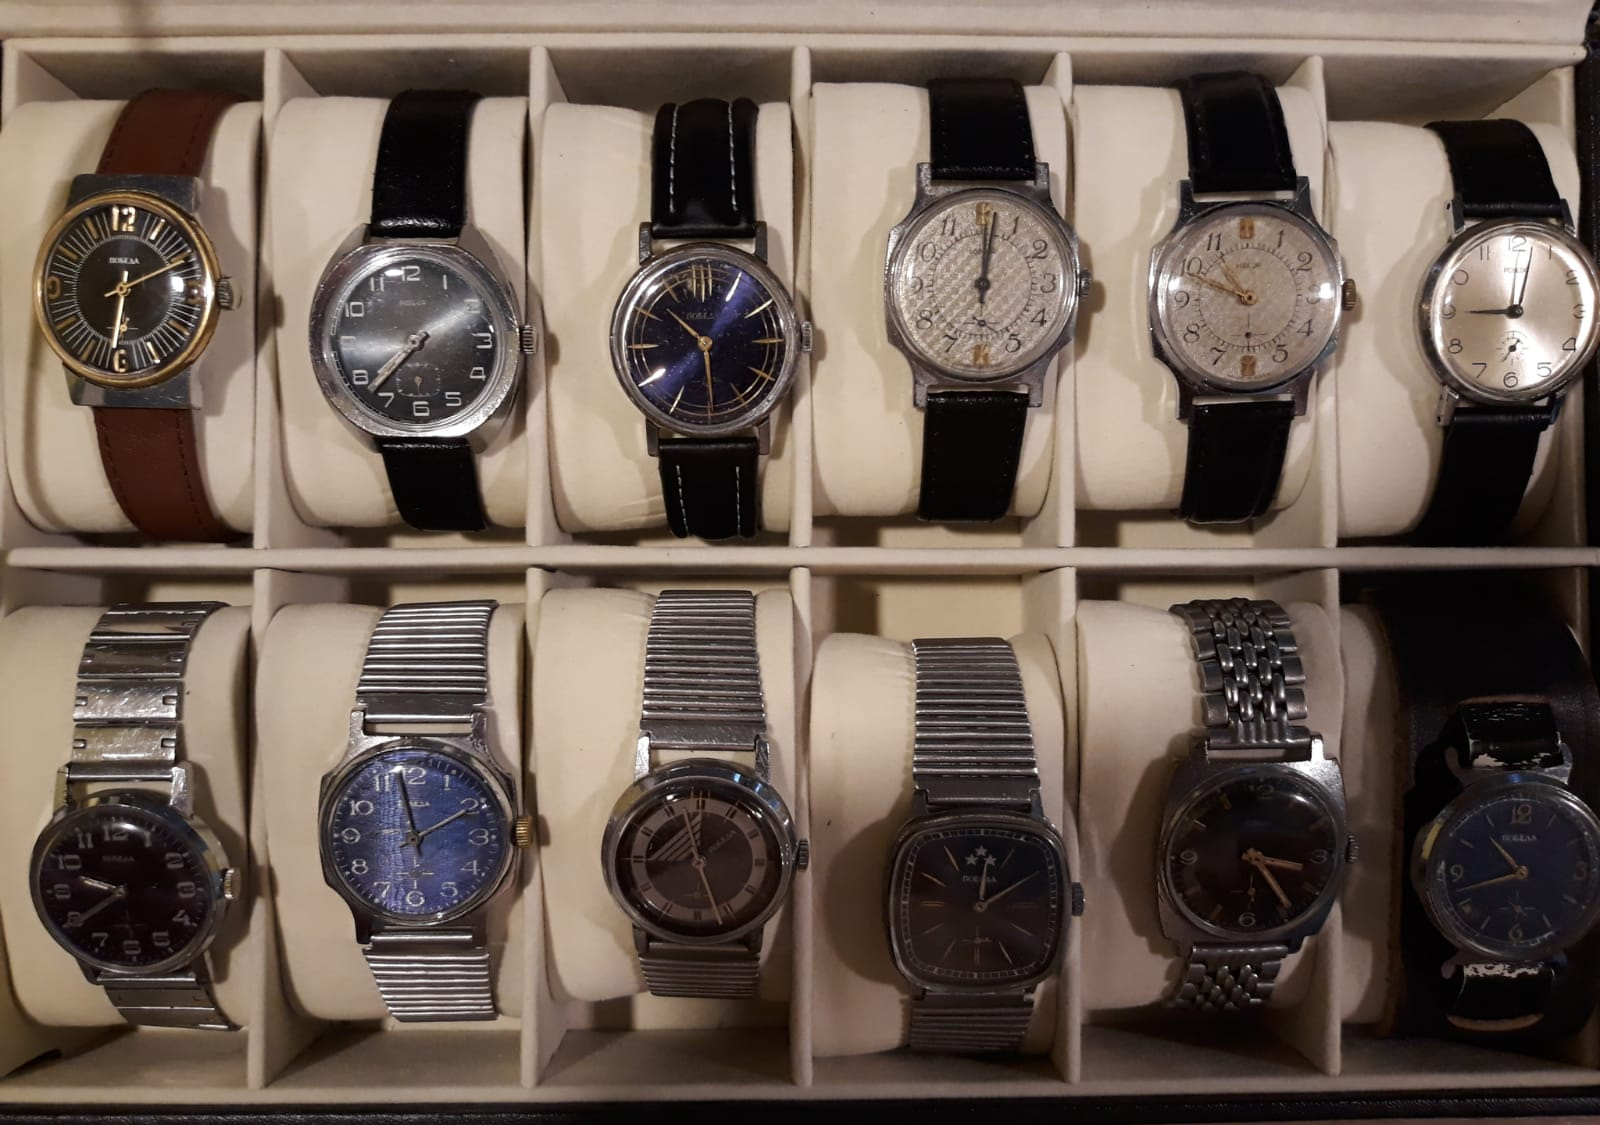 Giurgiuveanul a adunat aproape 400 de ceasuri, toate funcționale